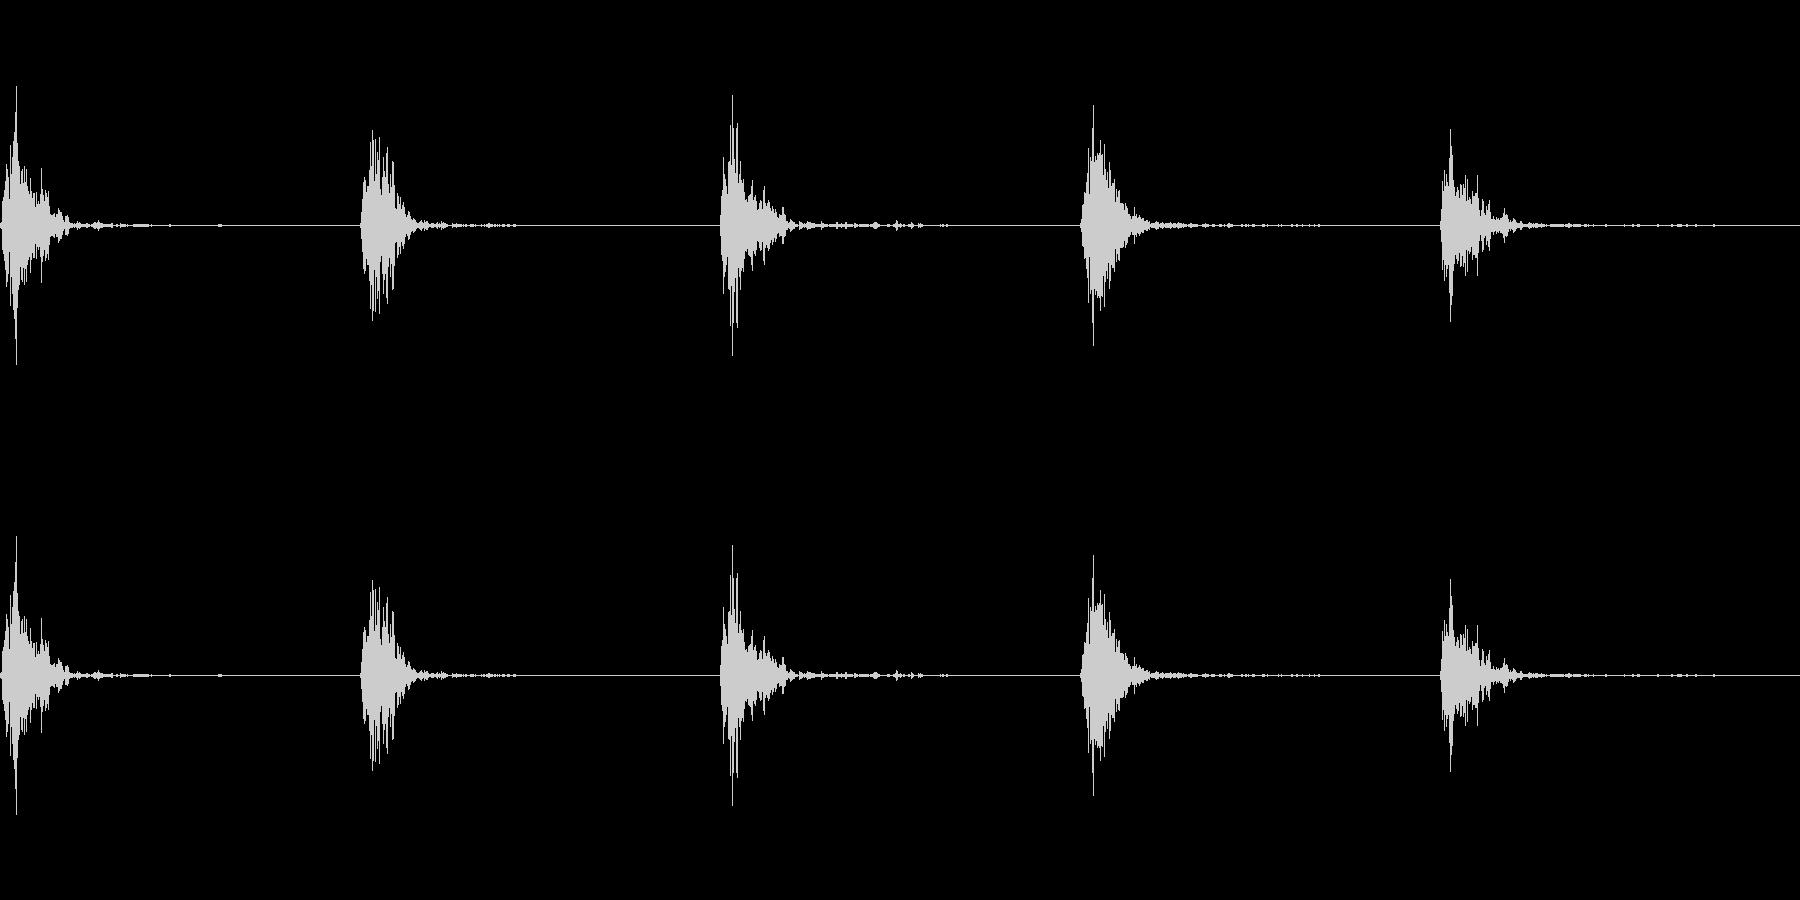 神楽鈴(小)を回して鳴らした音の未再生の波形